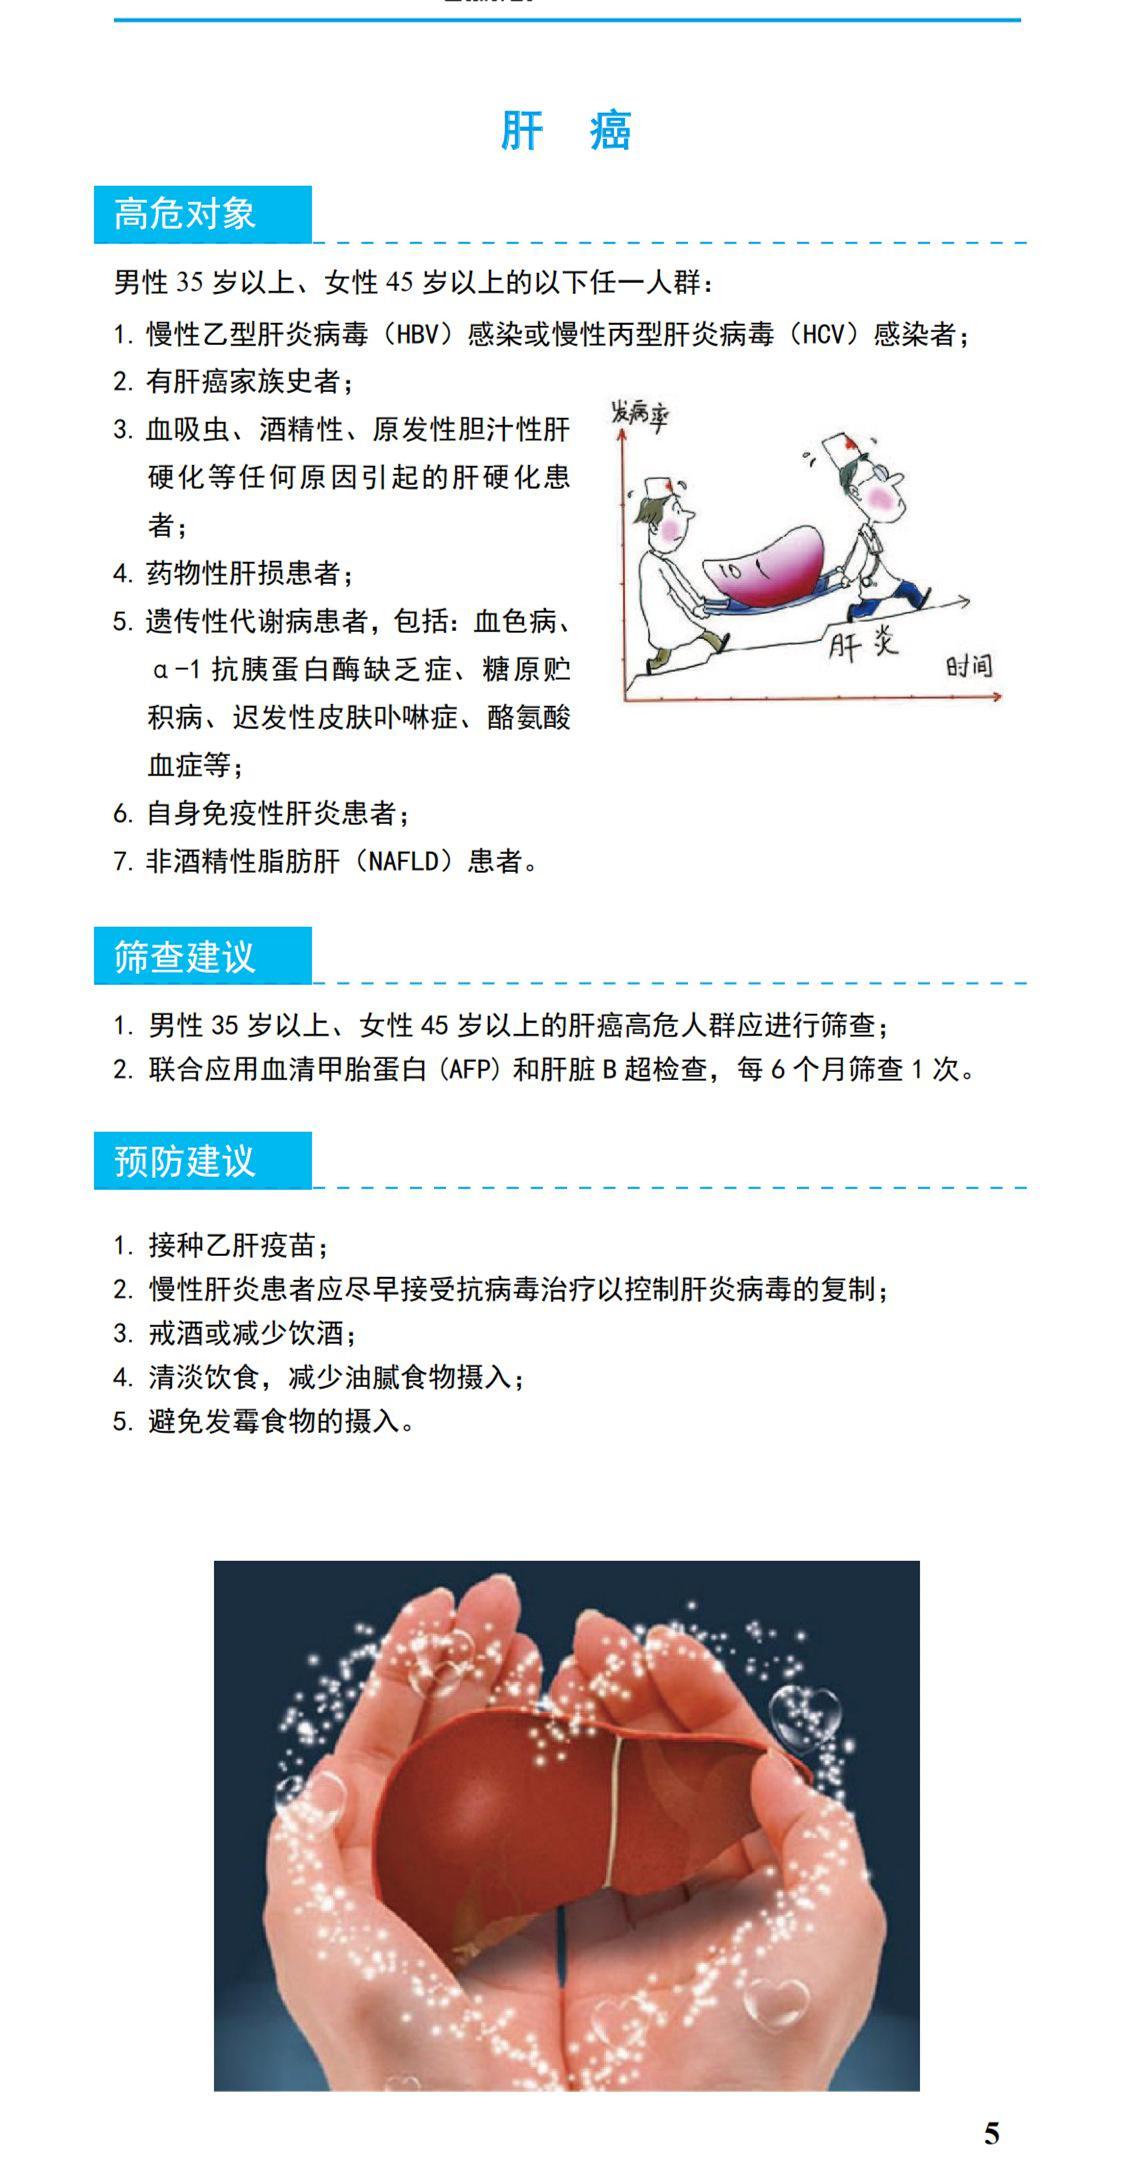 肿瘤防治宣传周 | 中国人一生患癌风险达30%!20种恶性肿瘤预防筛查的建议来了